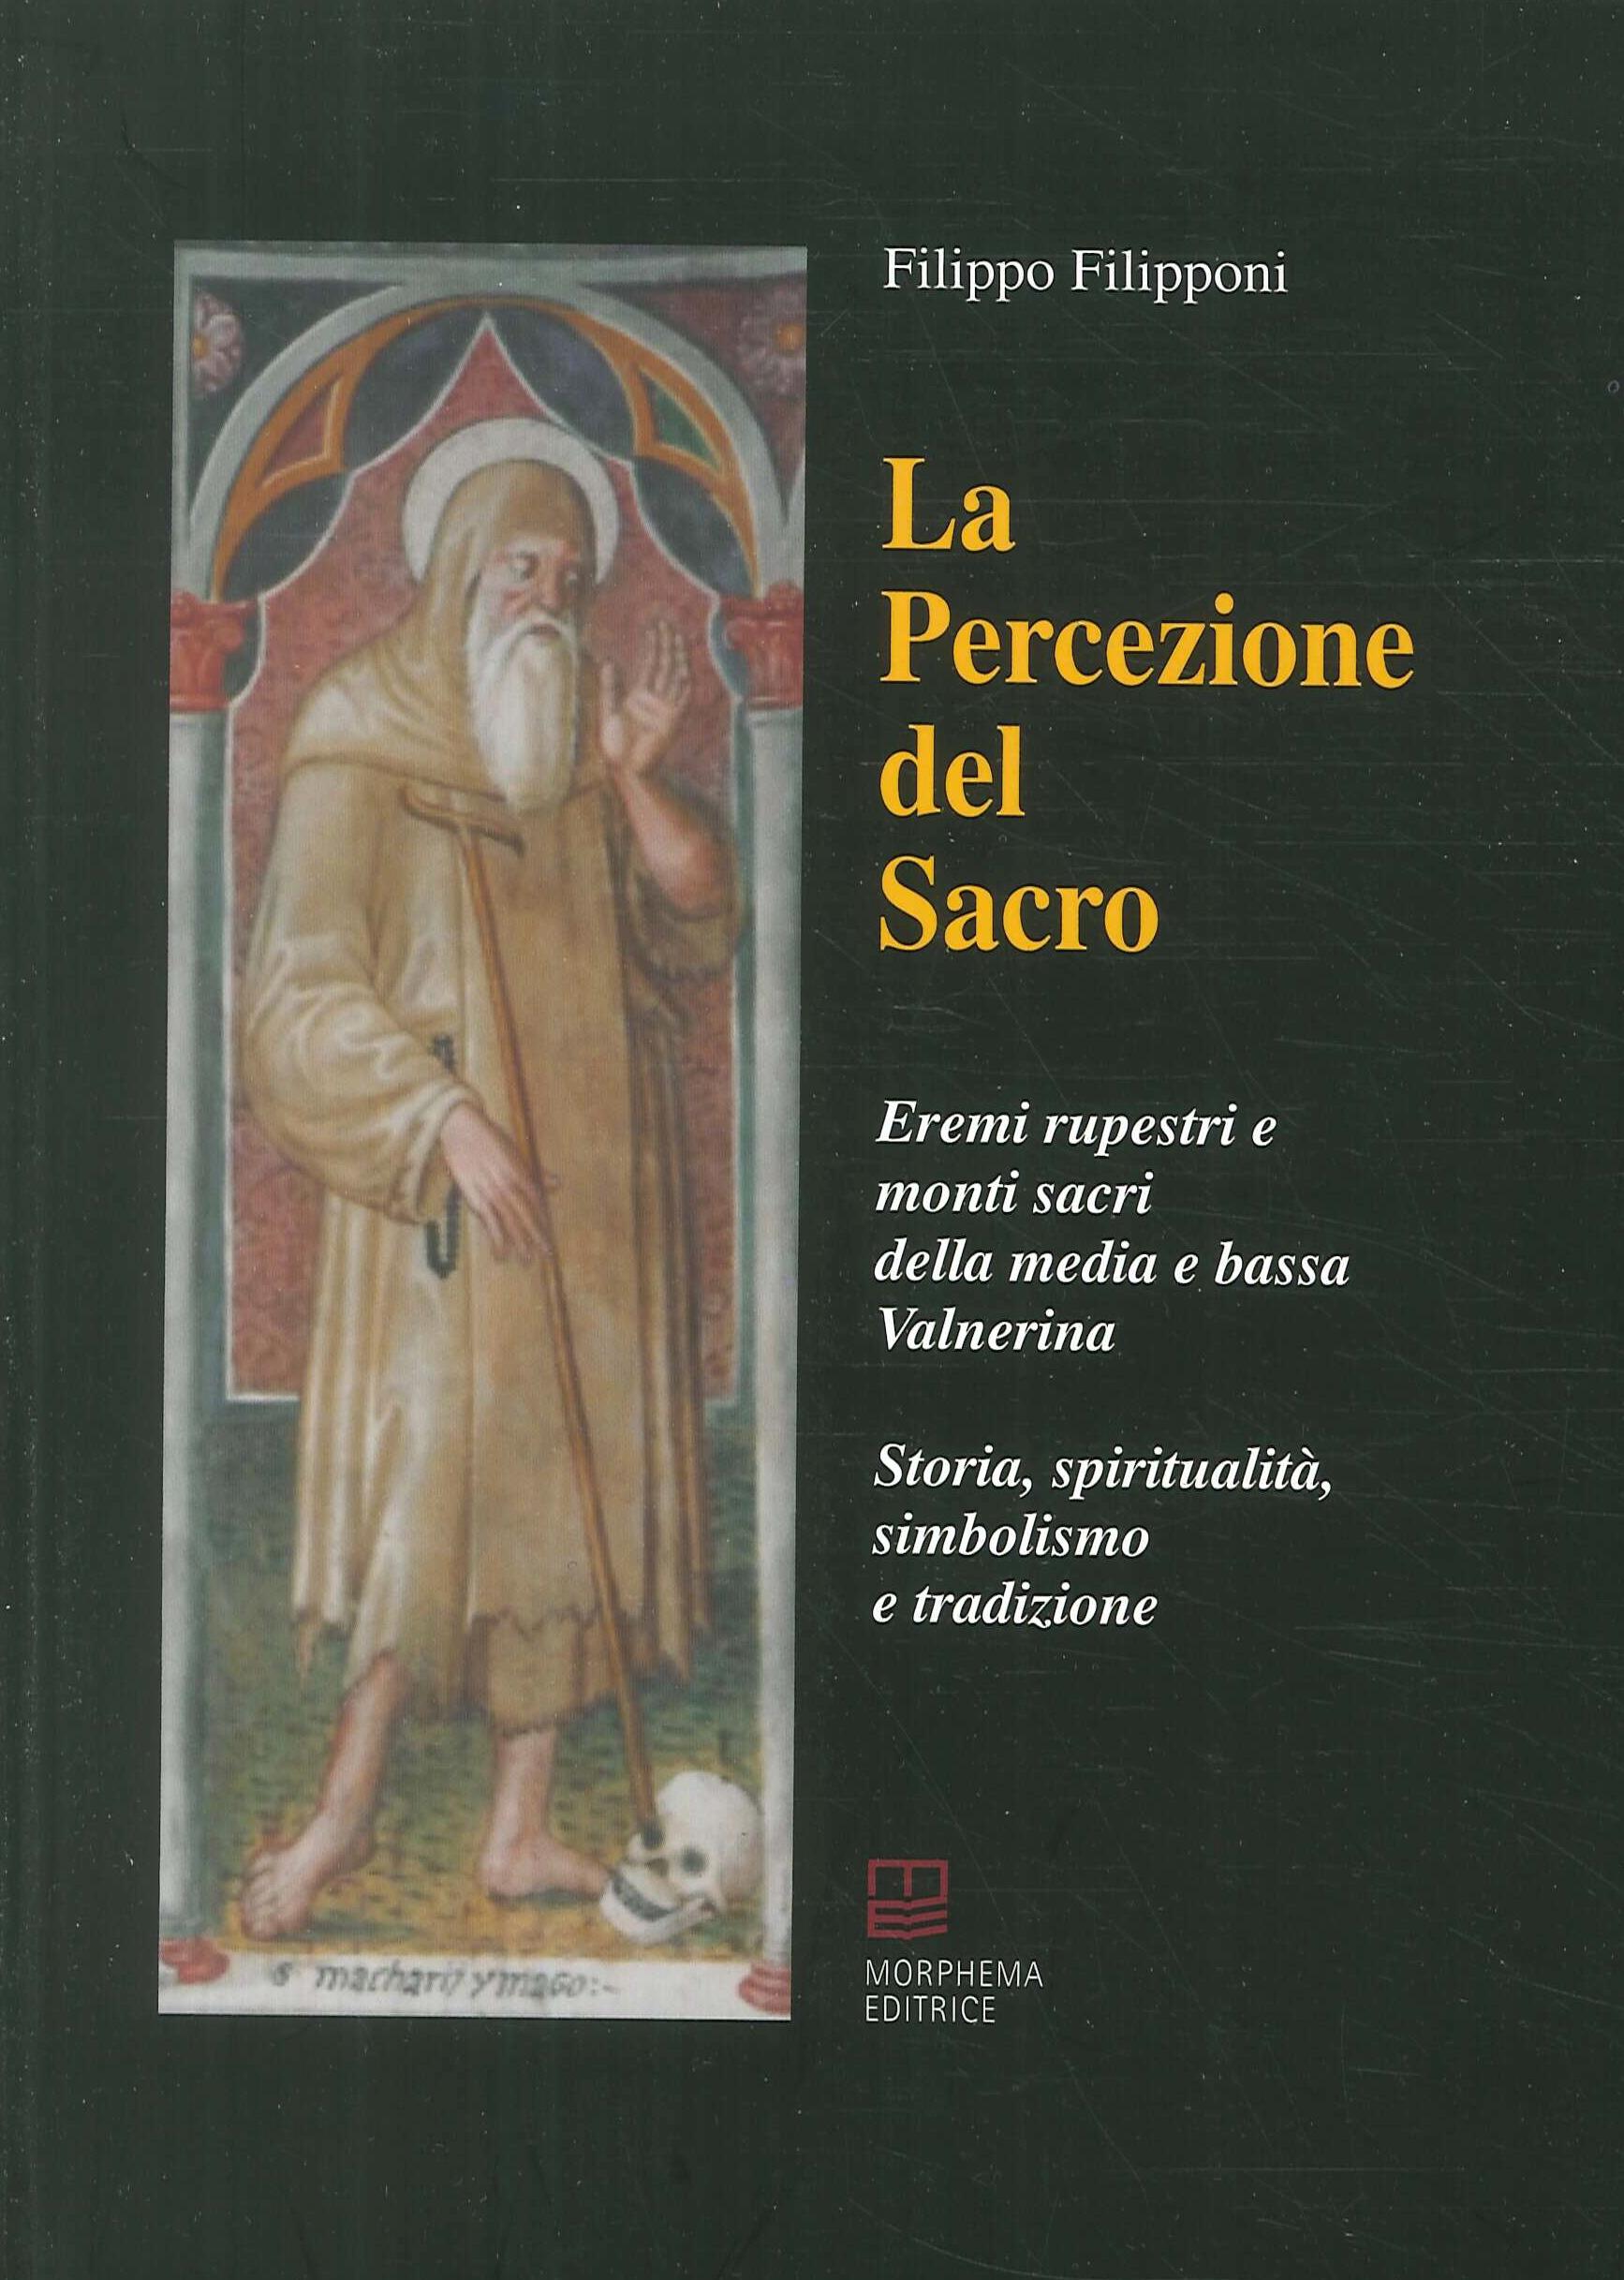 La percezione del sacro. Eremi rupestri e monti sacri della media e bassa Valnerina. Storia, spiritualità, simbolismo e tradizione.